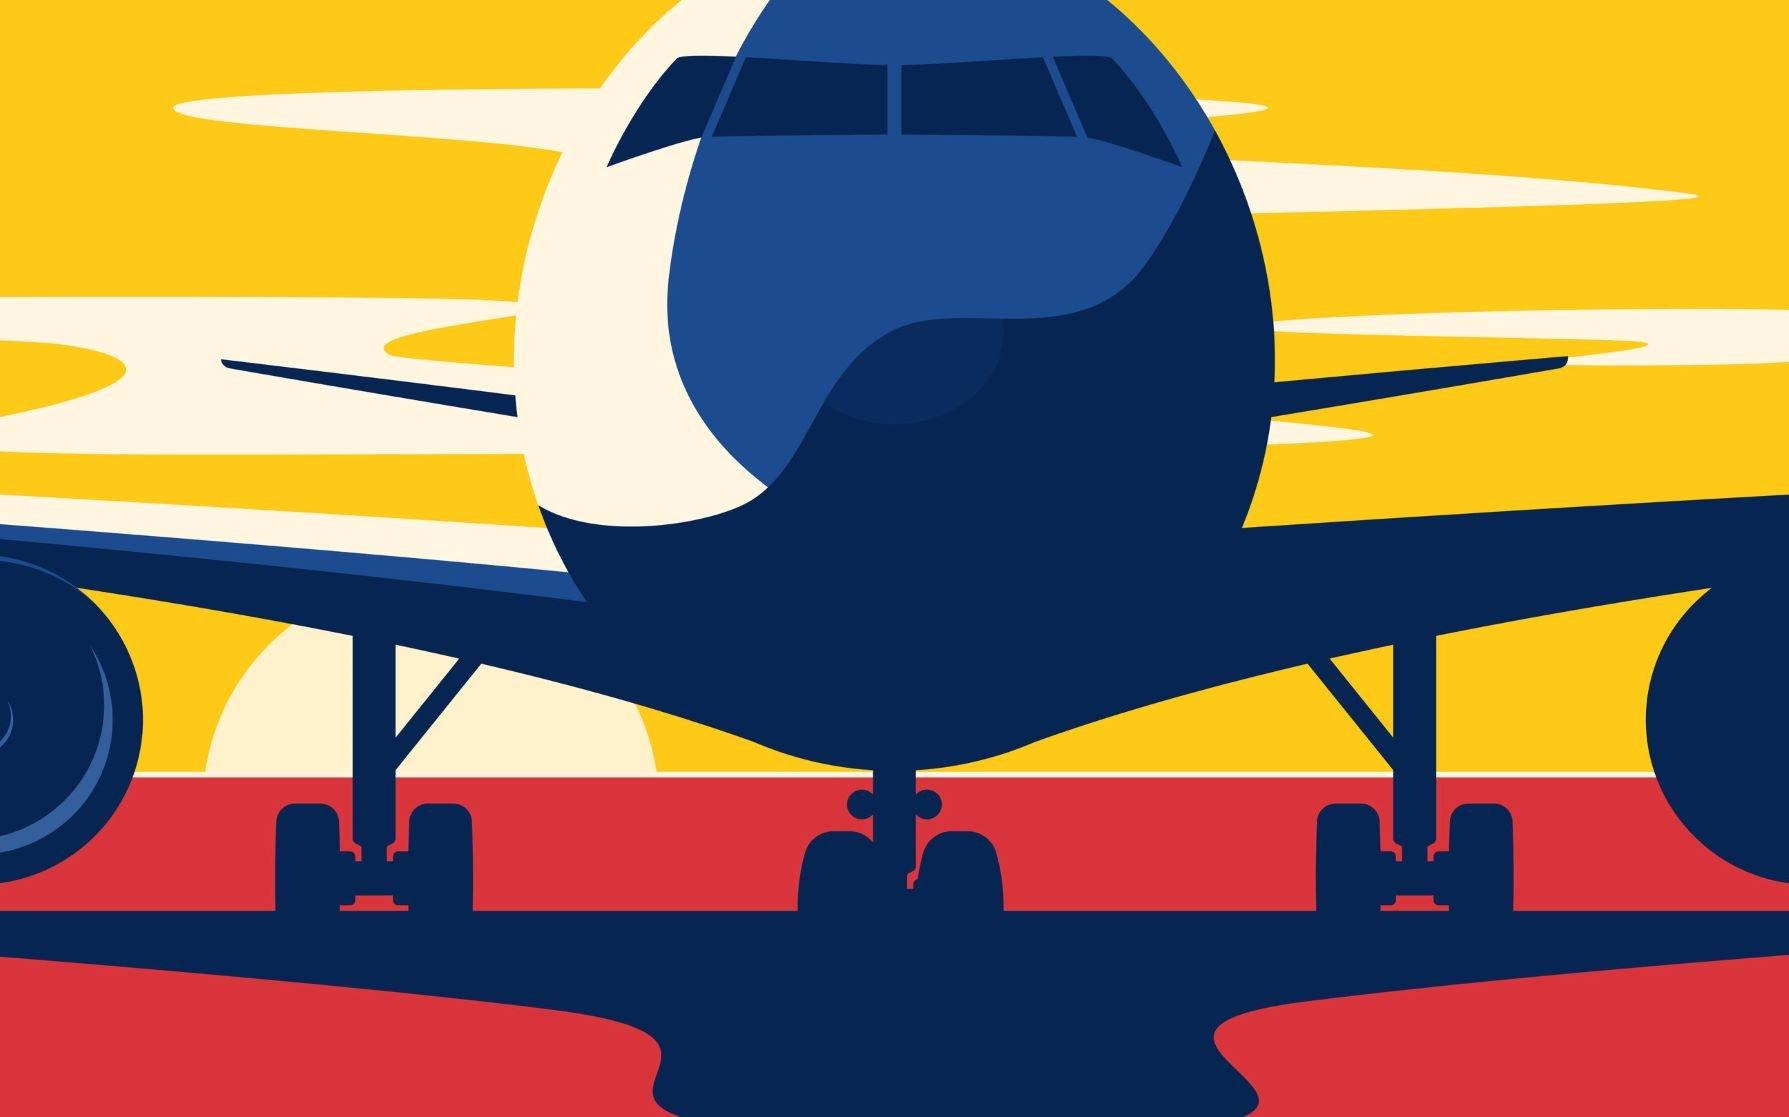 garuda indonesia, garuda, maskapai penerbangan, bumn